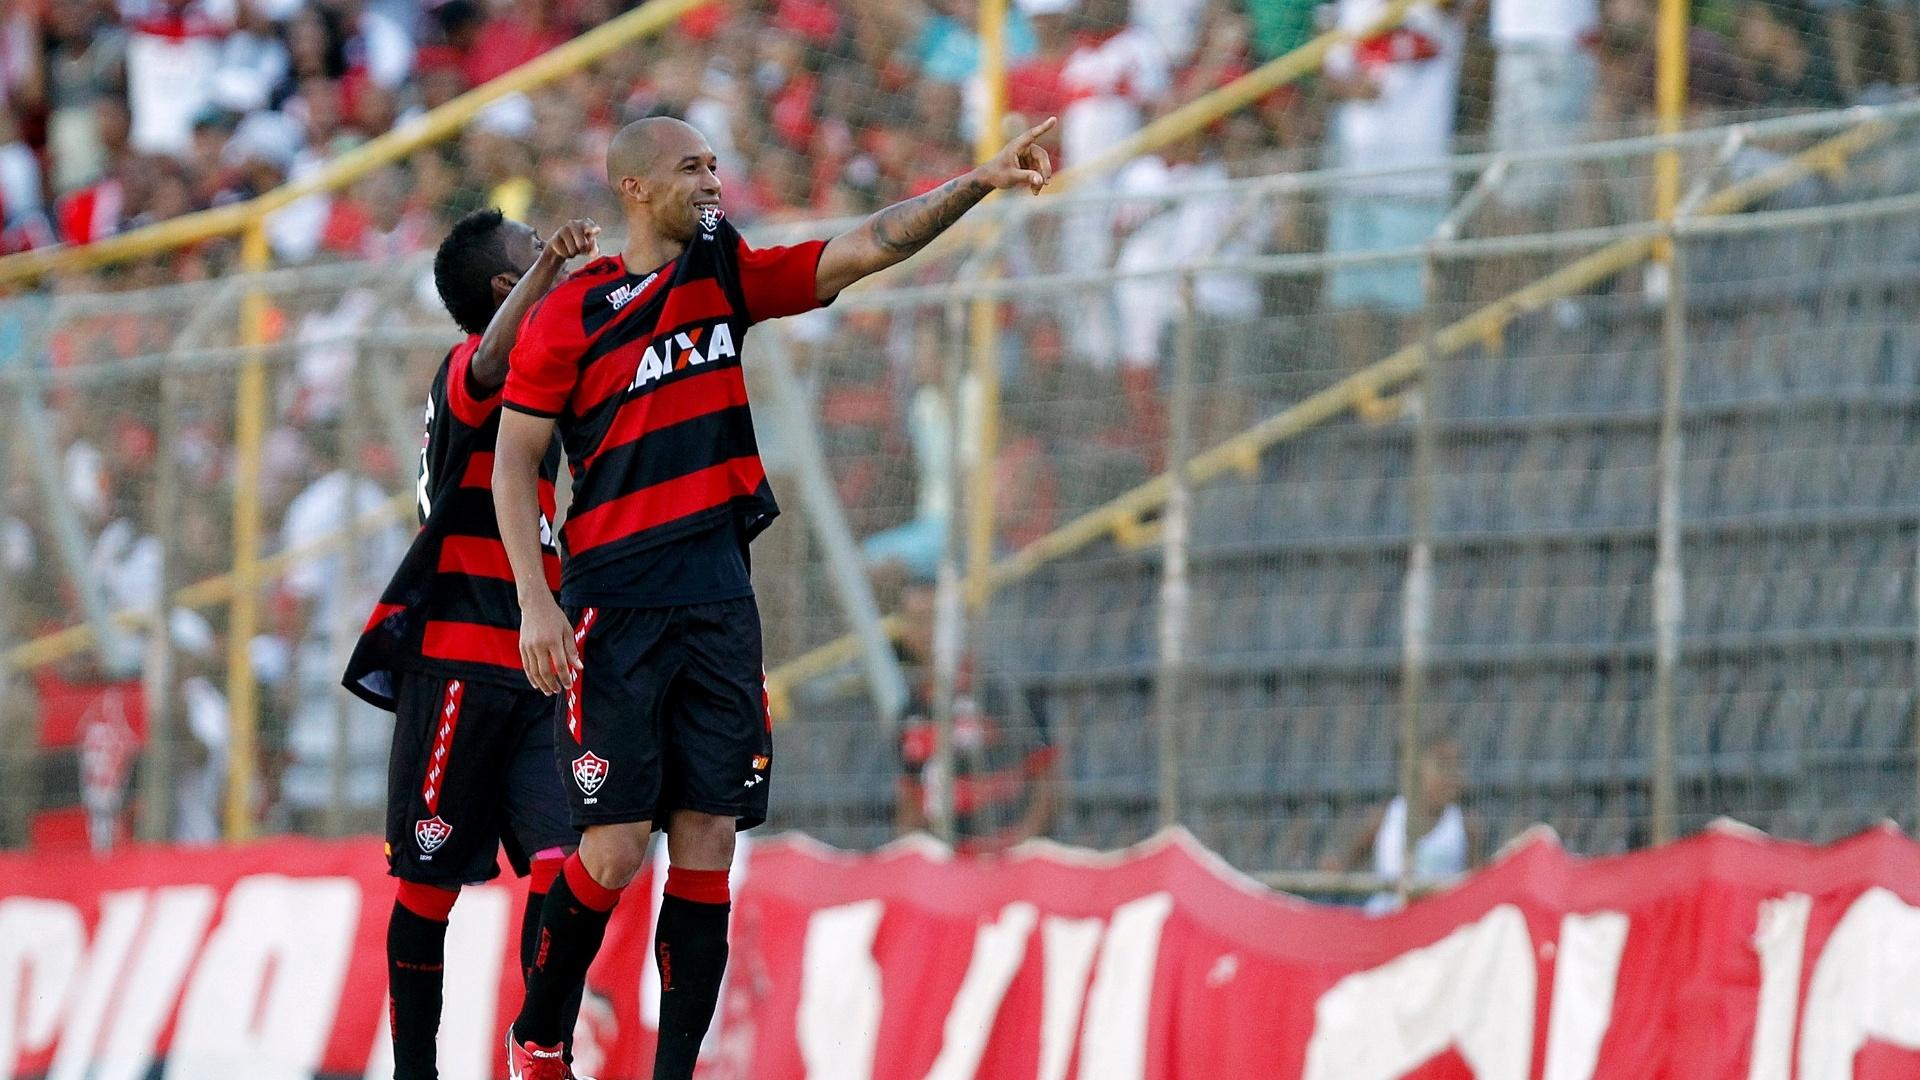 Dinei comemora gol do Vitória, que bateu o Flamengo por 4 a 2 na Bahia